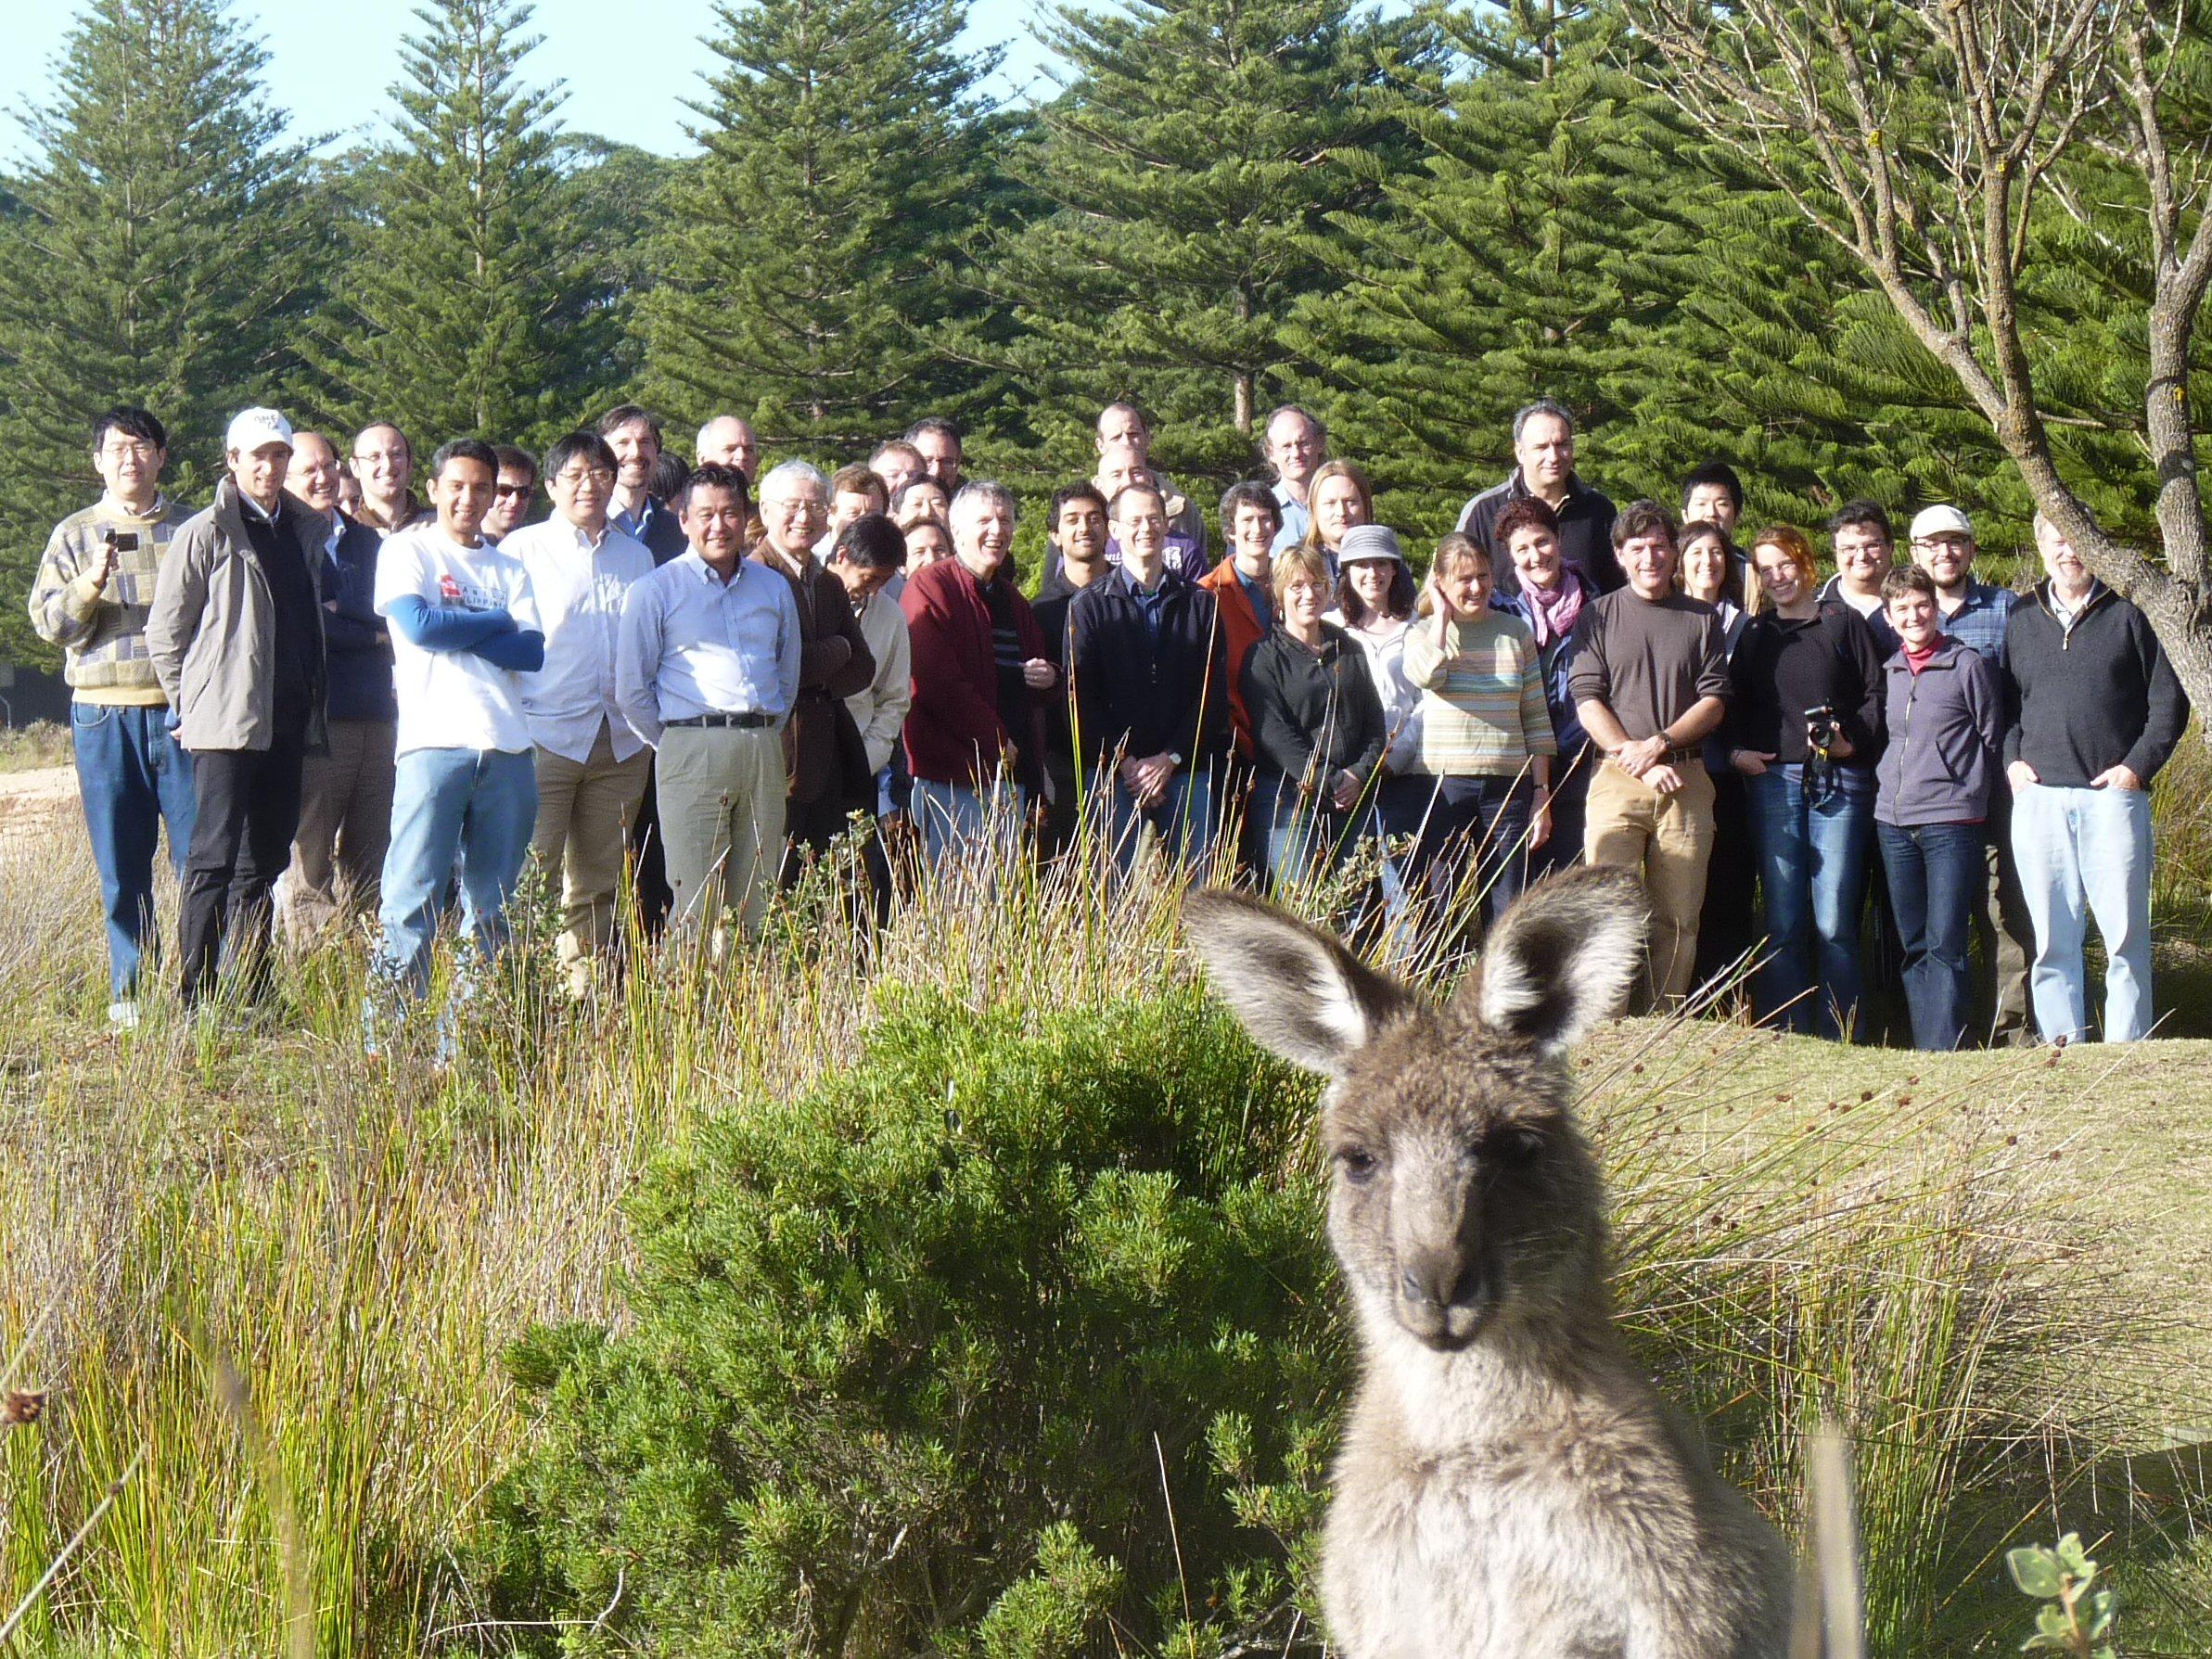 Group_with_kangaroo.JPG